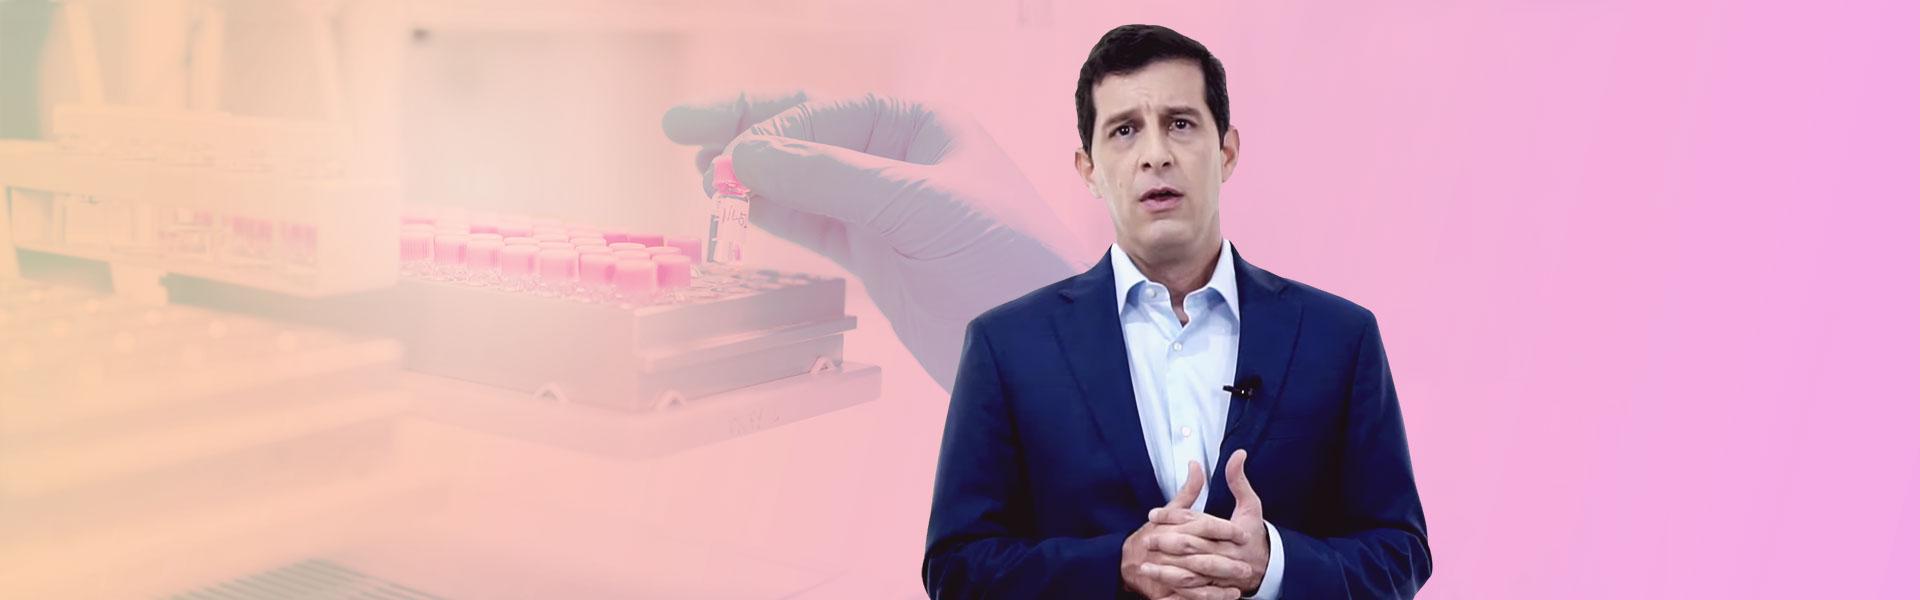 O que é o Oncotype DX?